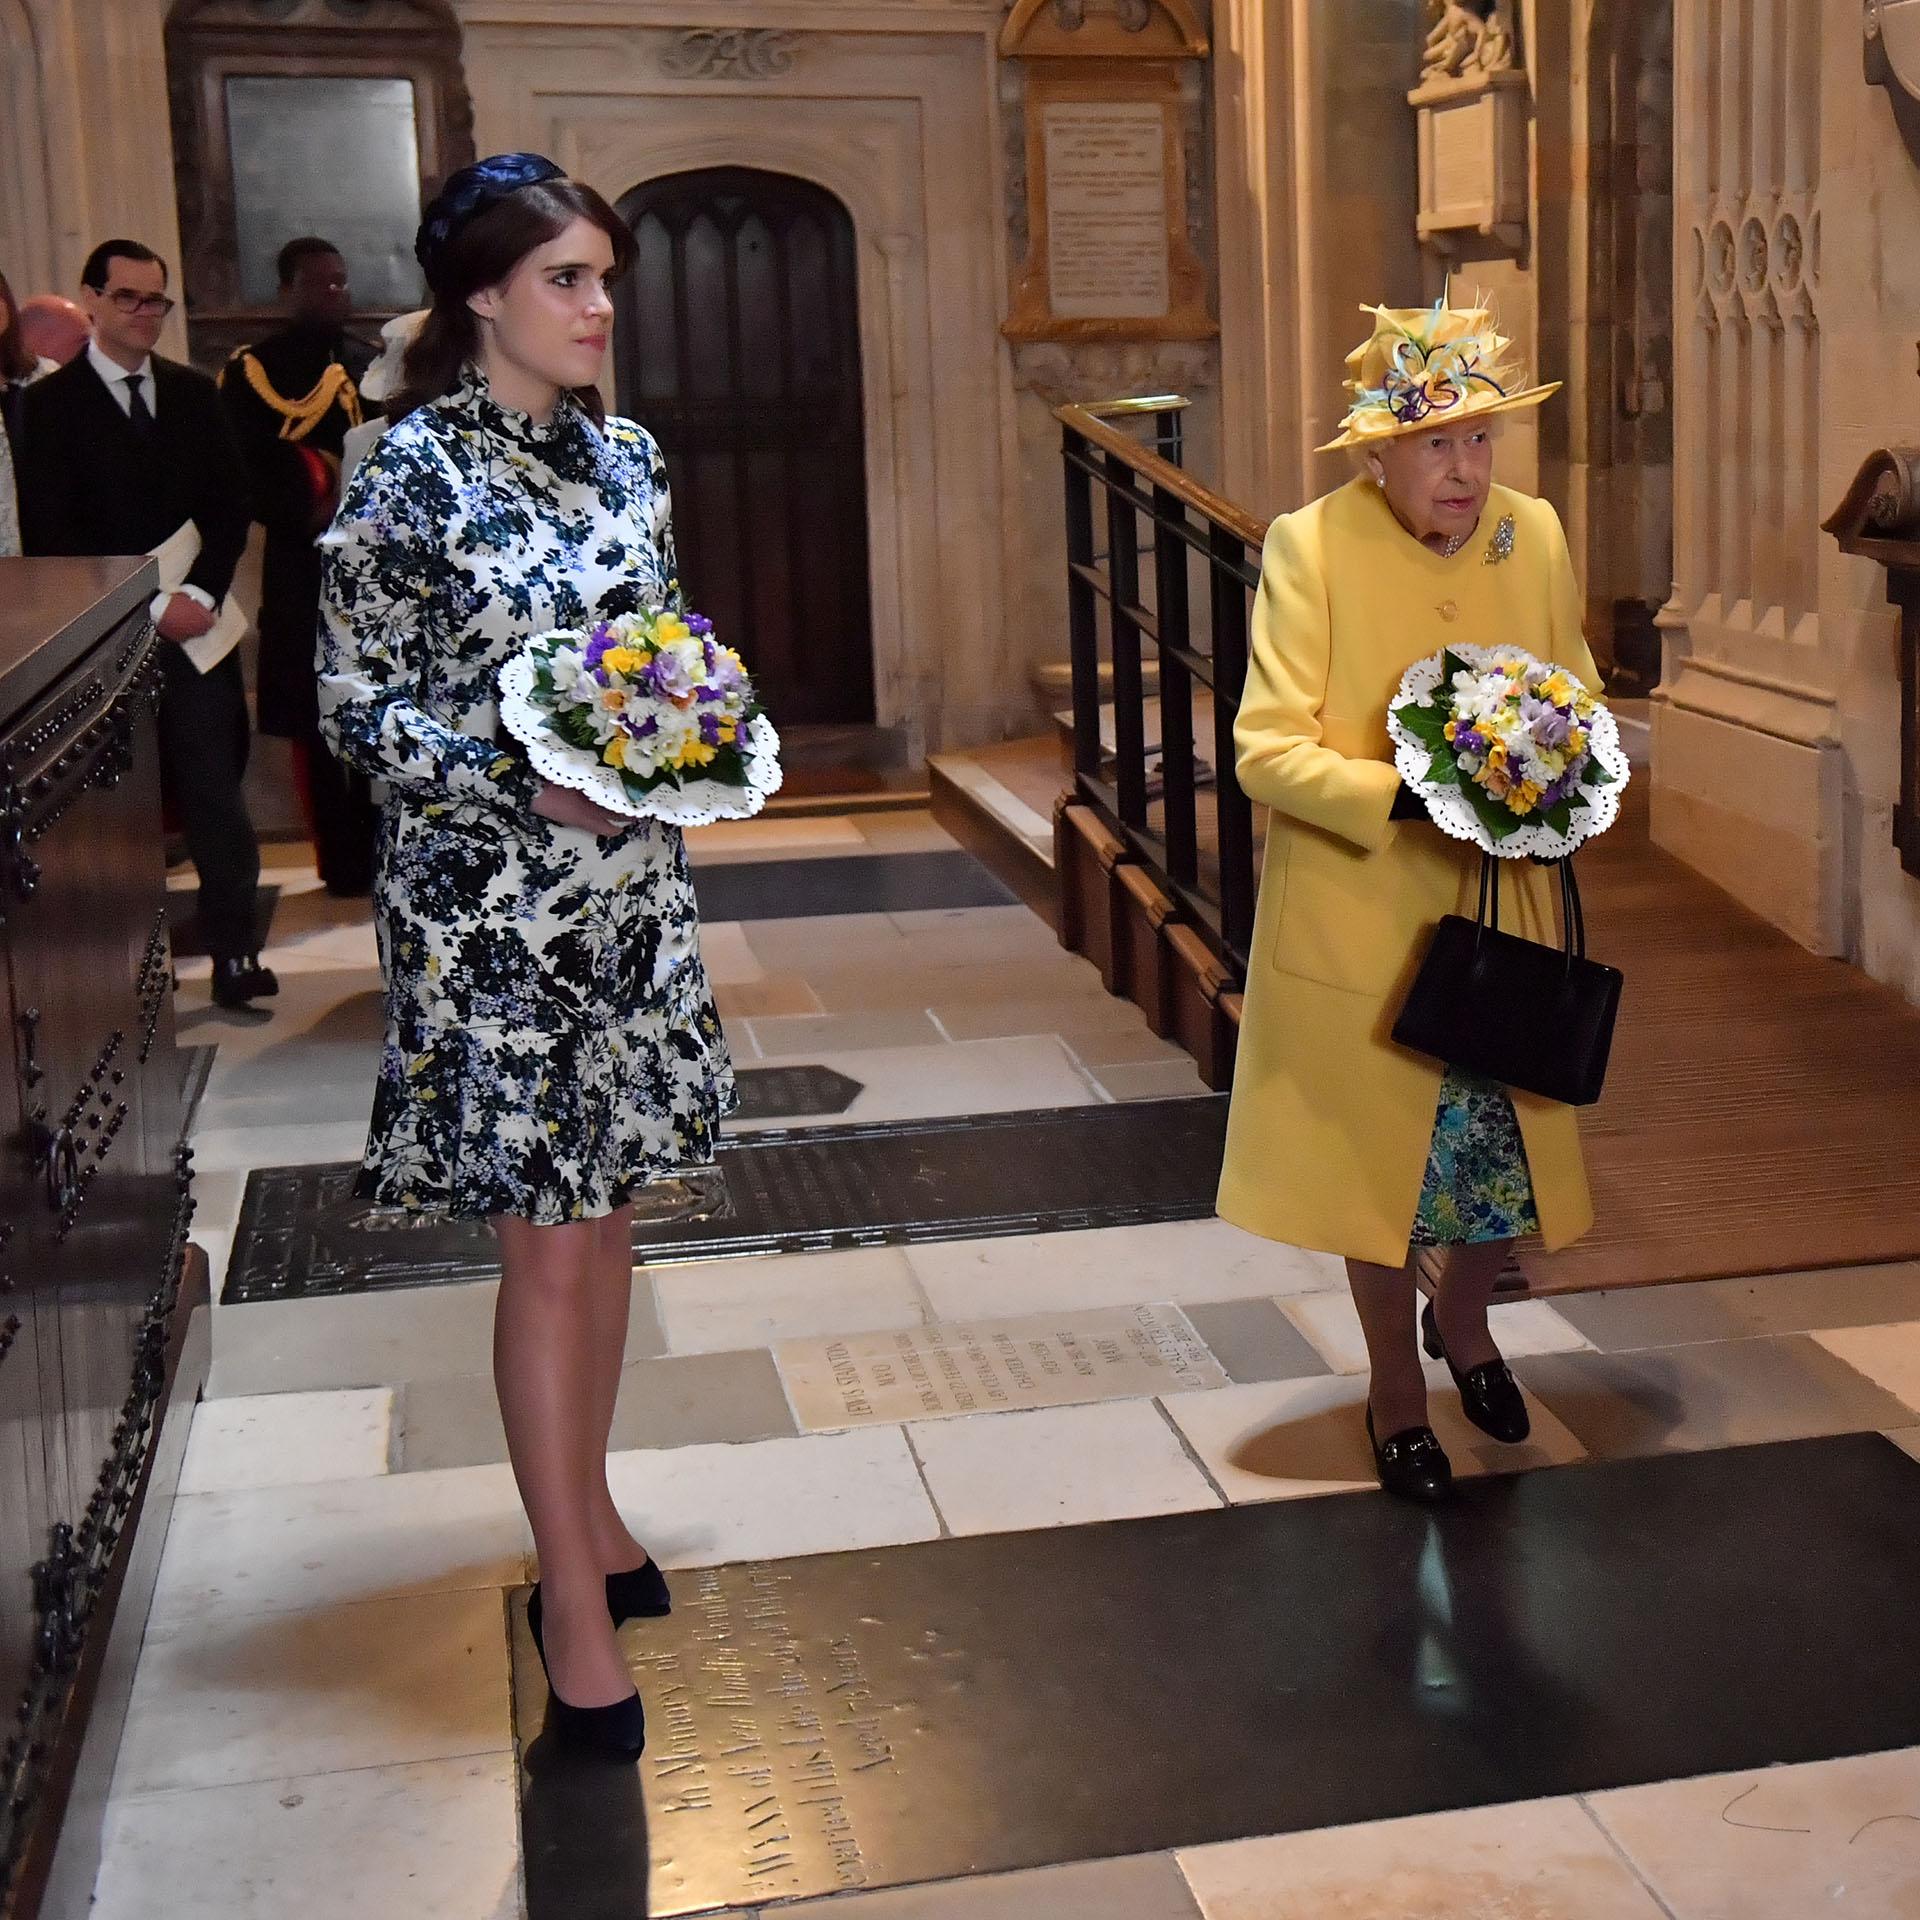 La reina asistió en compañía de su nieta, la princesa Eugenia de York, hija del príncipe Andrés